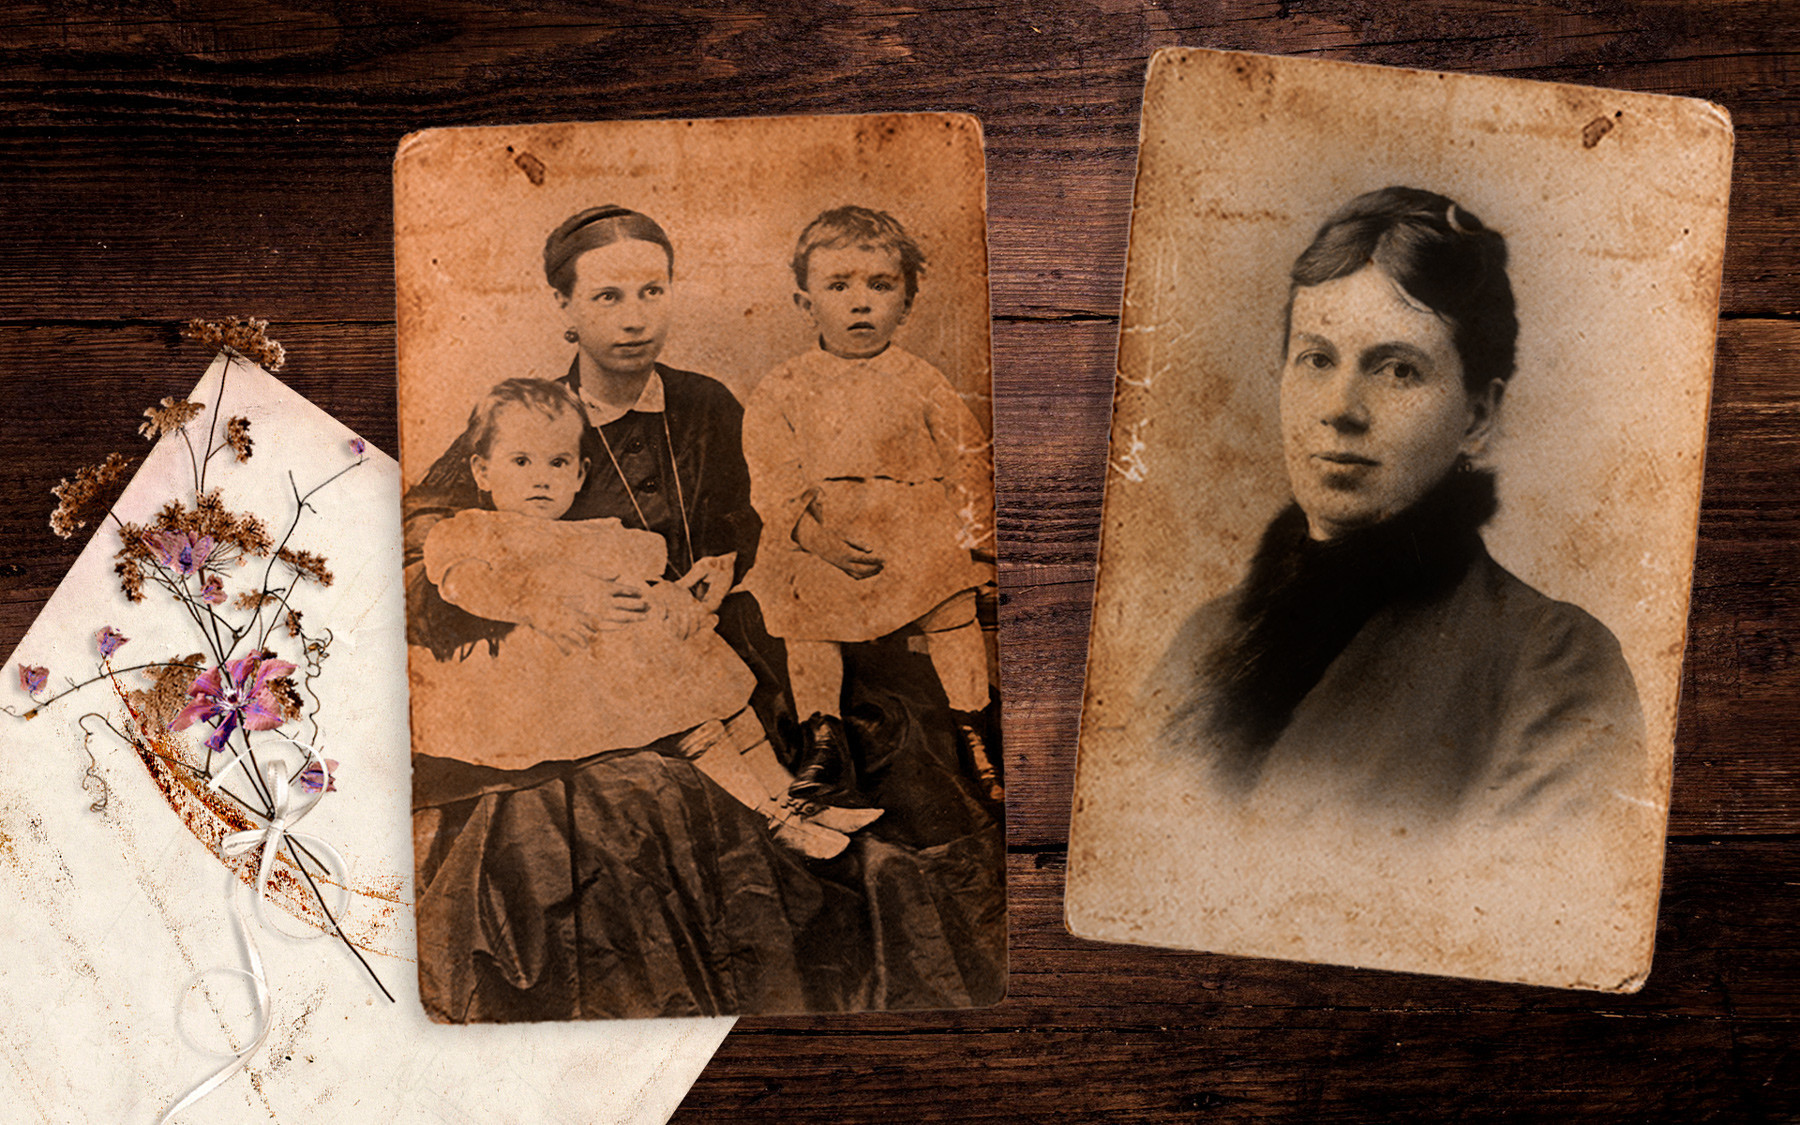 Жената на Лав Толстој Софија со децата Тања и Серјожа, 1866.